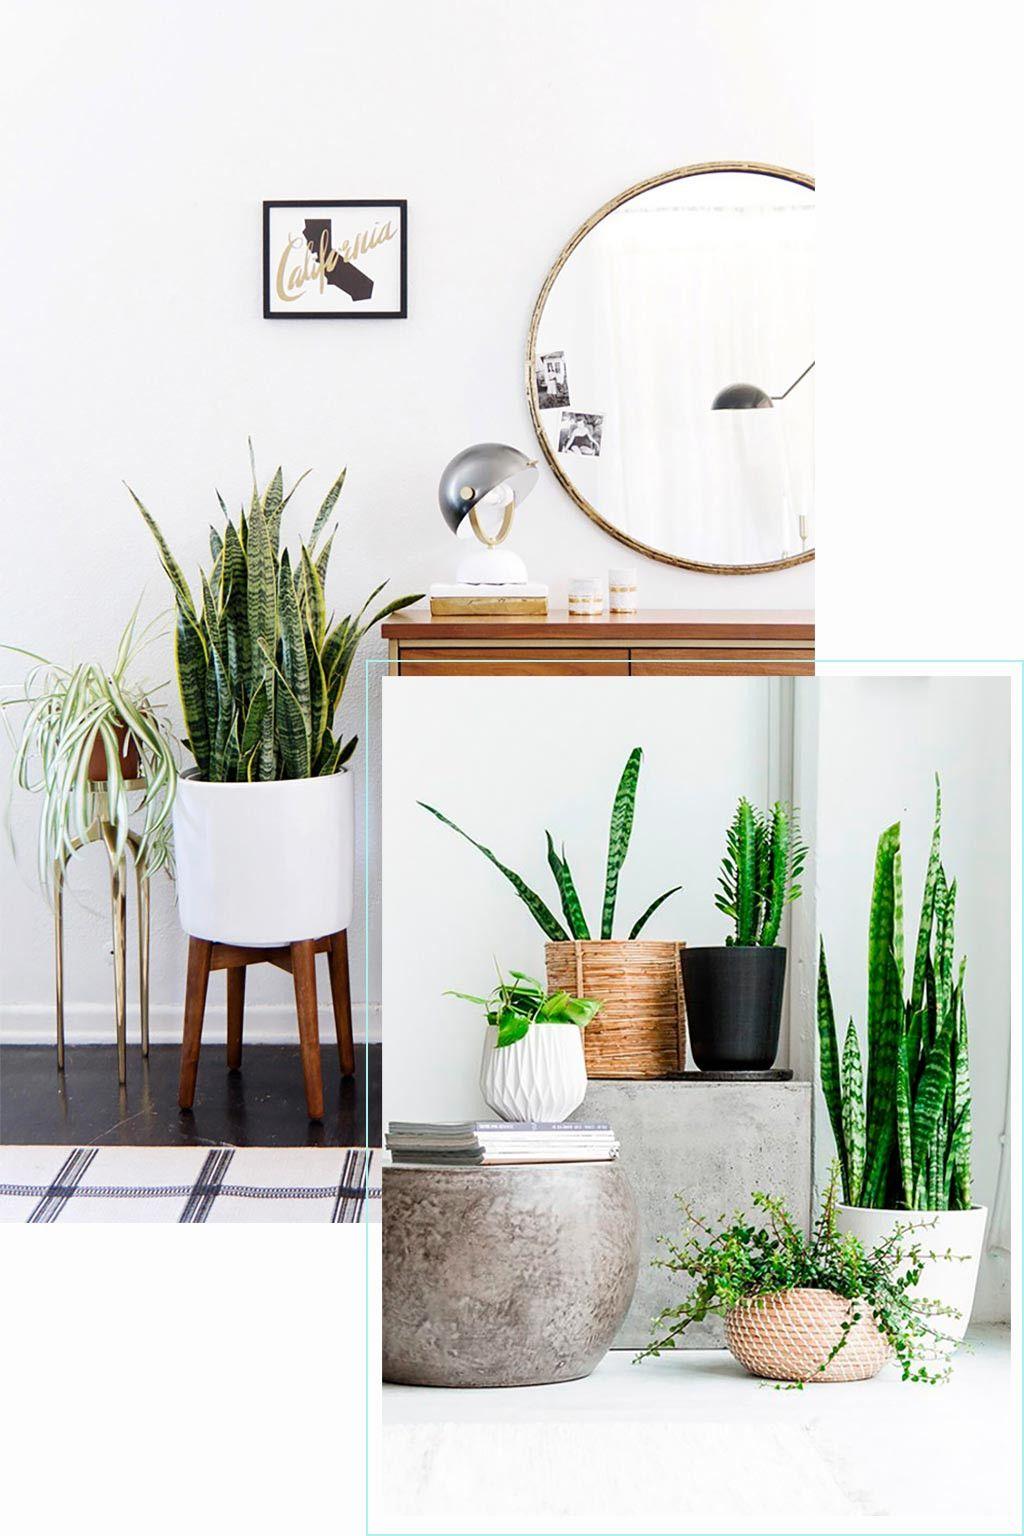 decoracion interiores con sansevieria